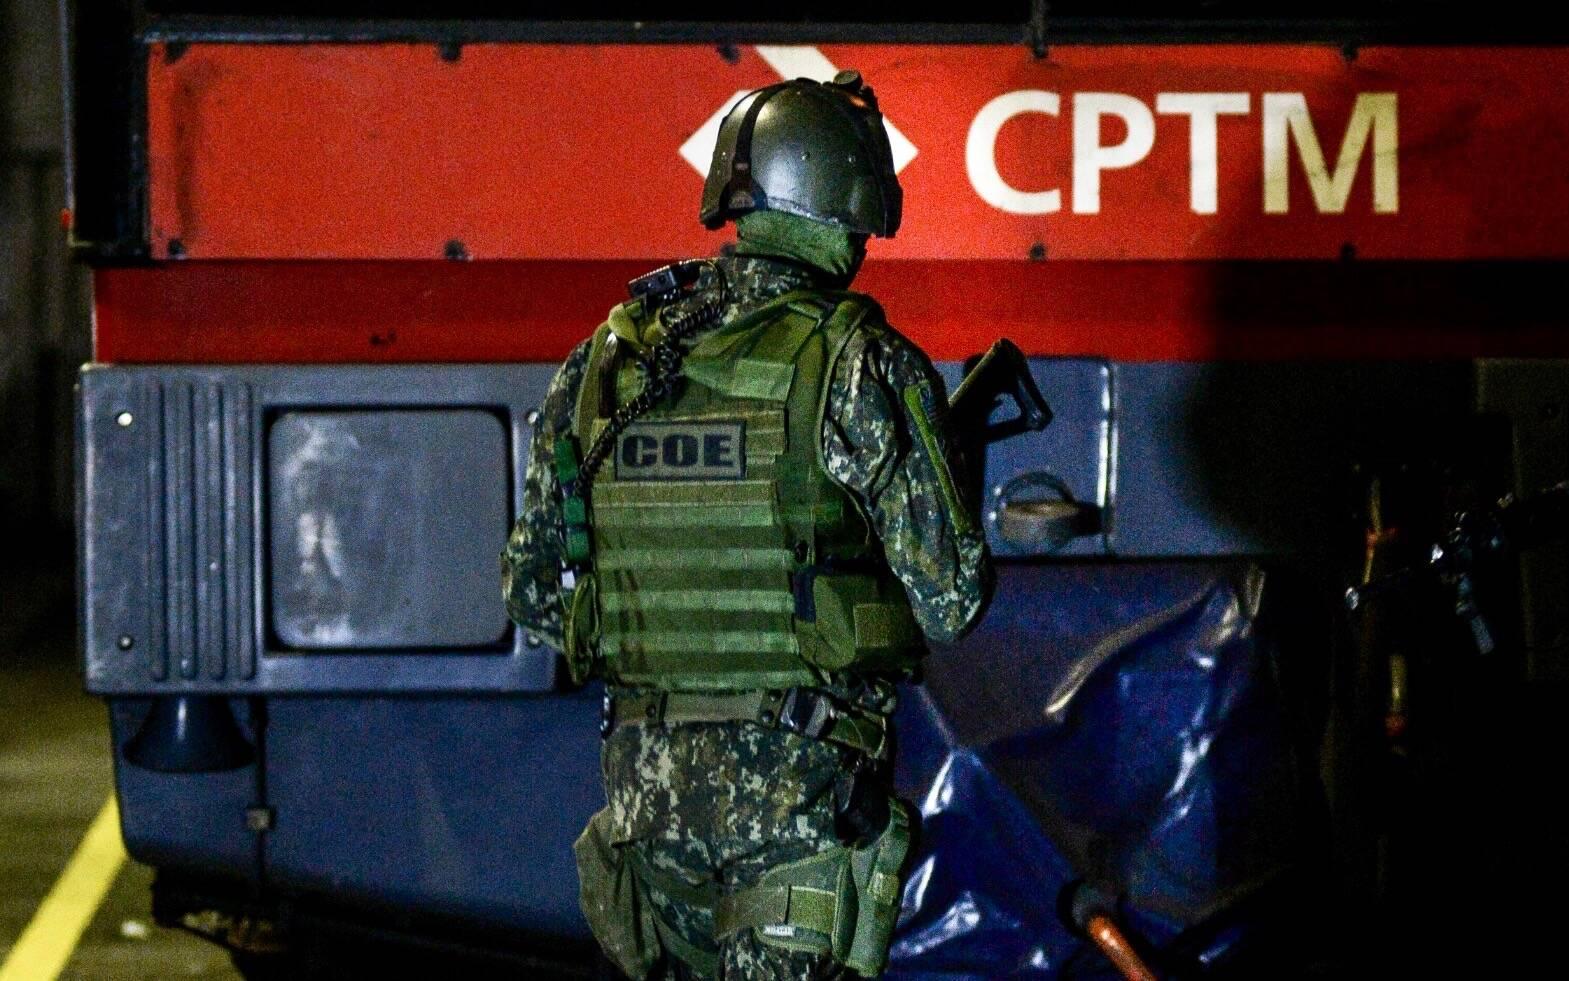 Os Operadores do COE estão habilitados a conduzir operações de tomada em estruturas tubulares, como aviões, trens, metro e ônibus. Foto: Major PM Luis Augusto Pacheco Ambar